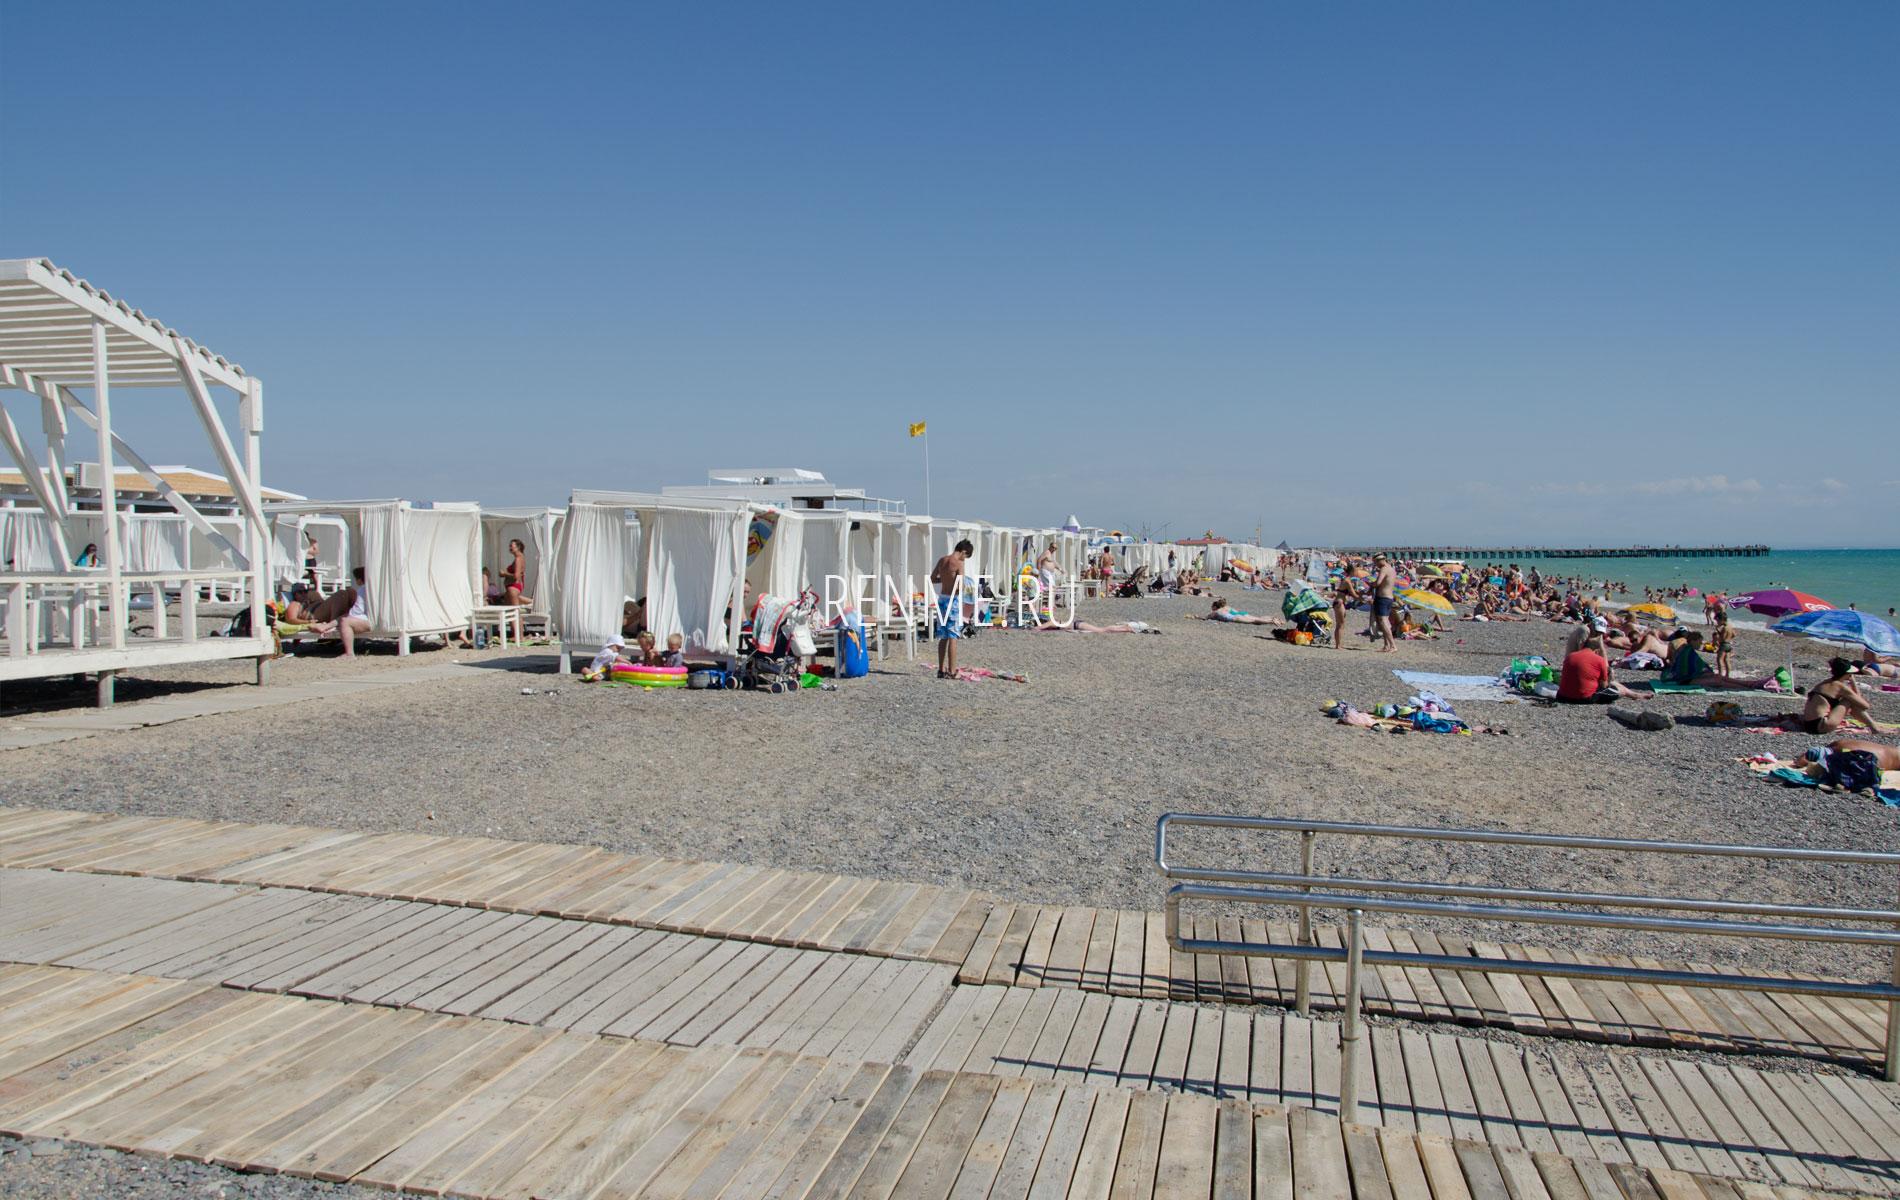 Этим летом на пляже в Новофедоровке. Фото Новофедоровки